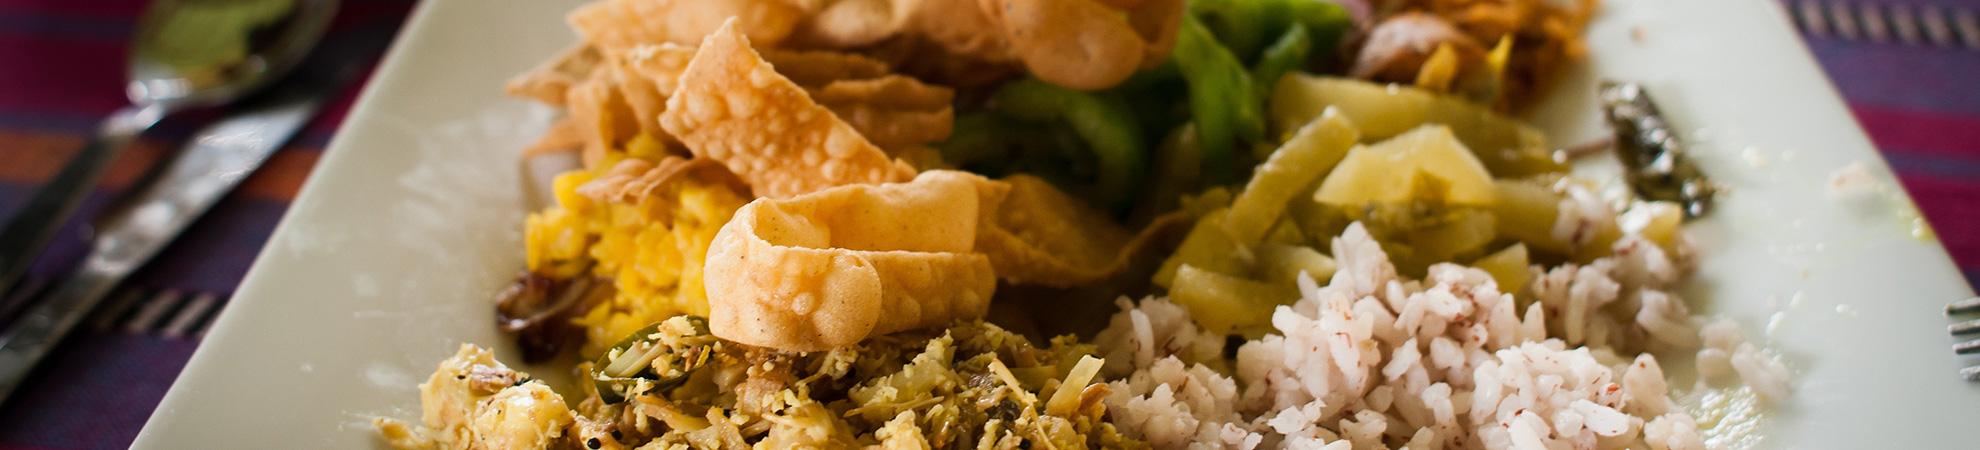 Cours de cuisine et déjeuner typique de la région des épices